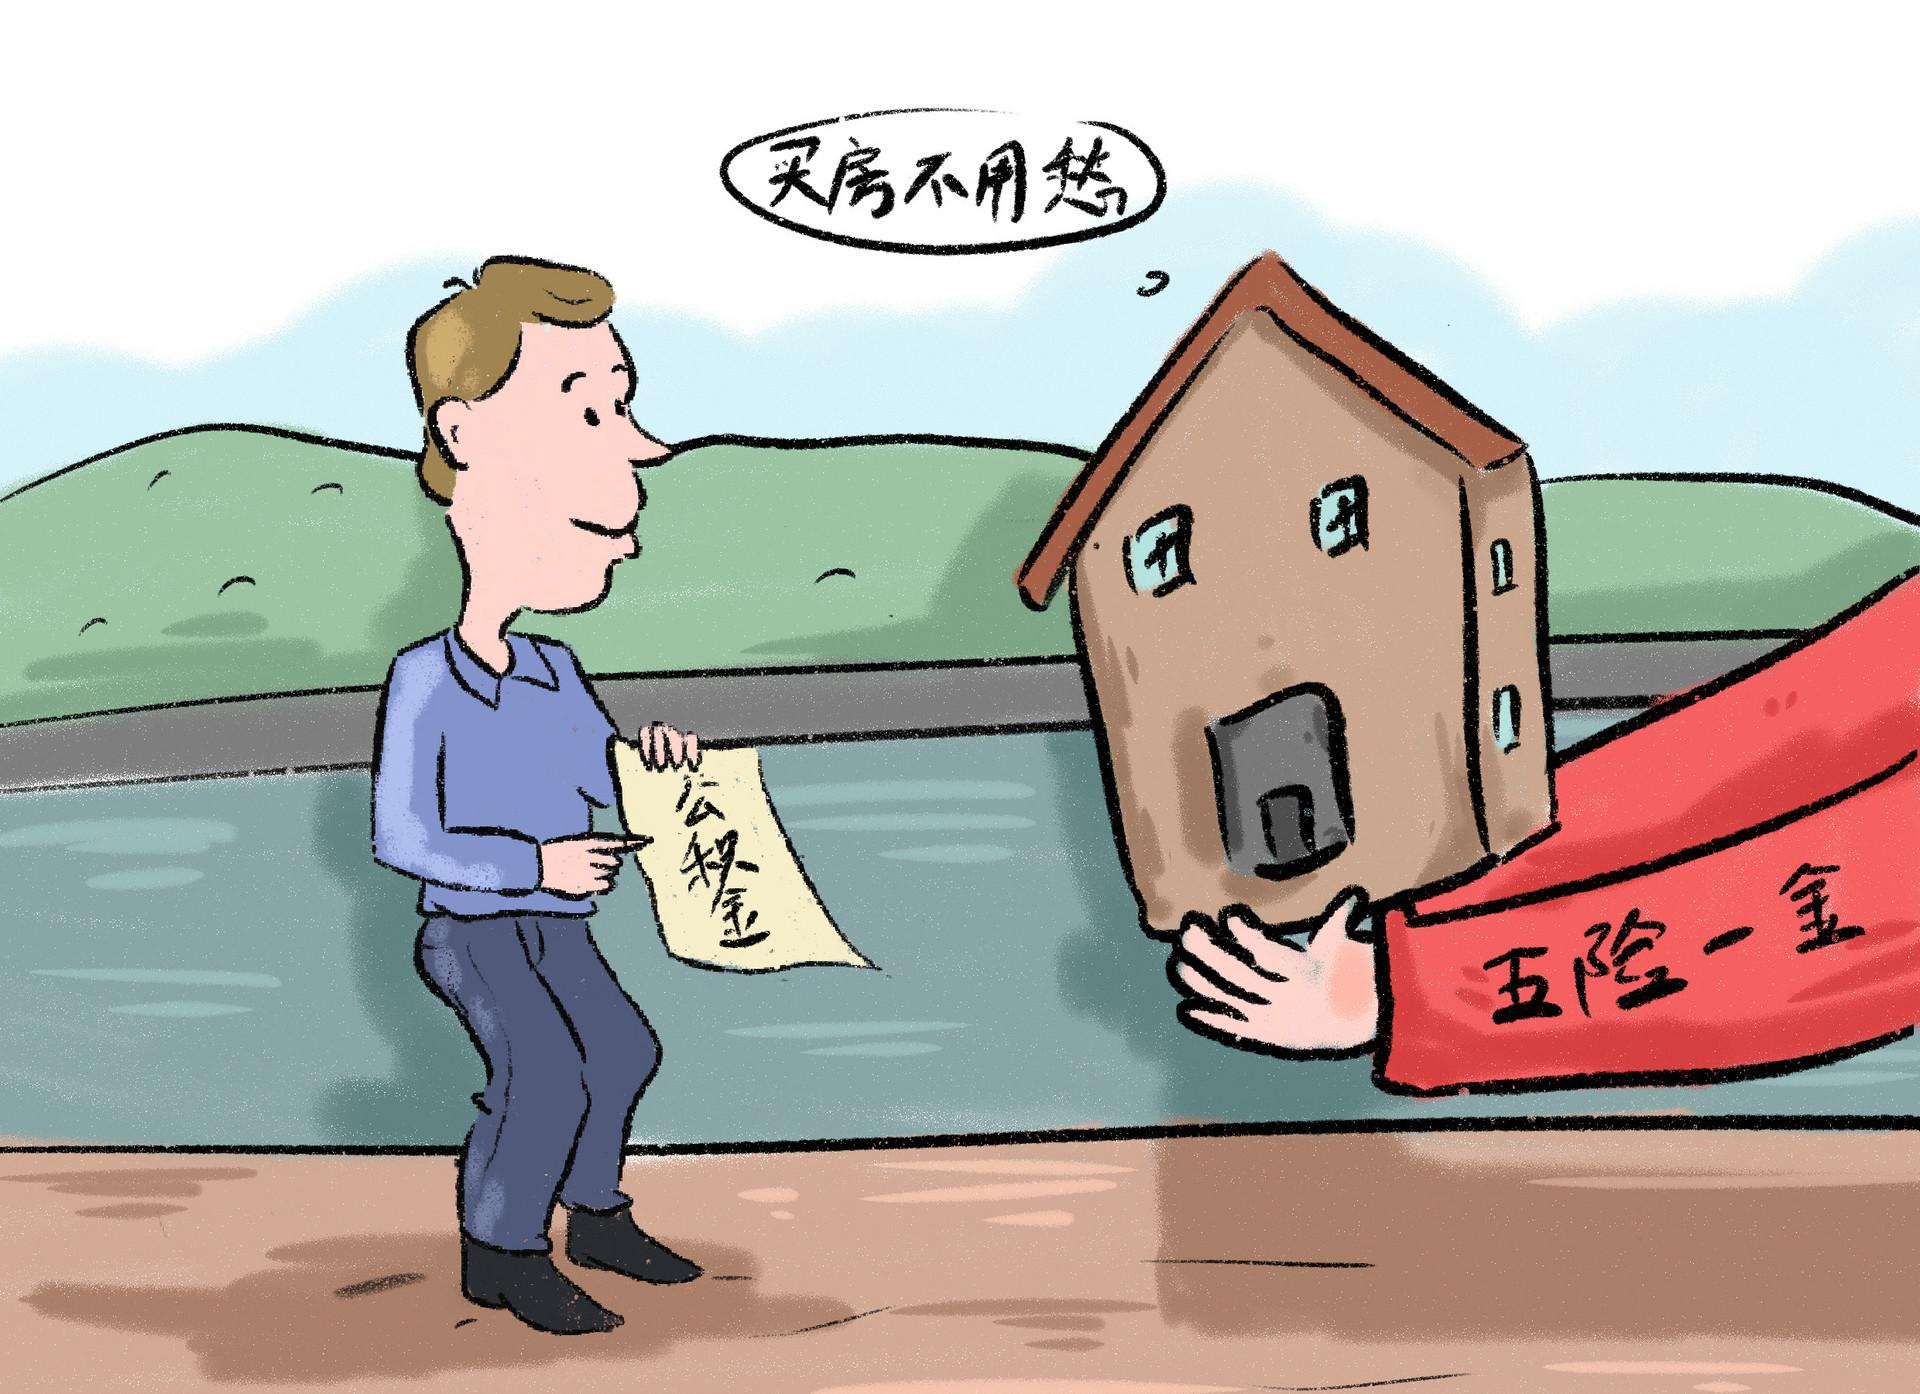 外地人能自己交上海社保吗